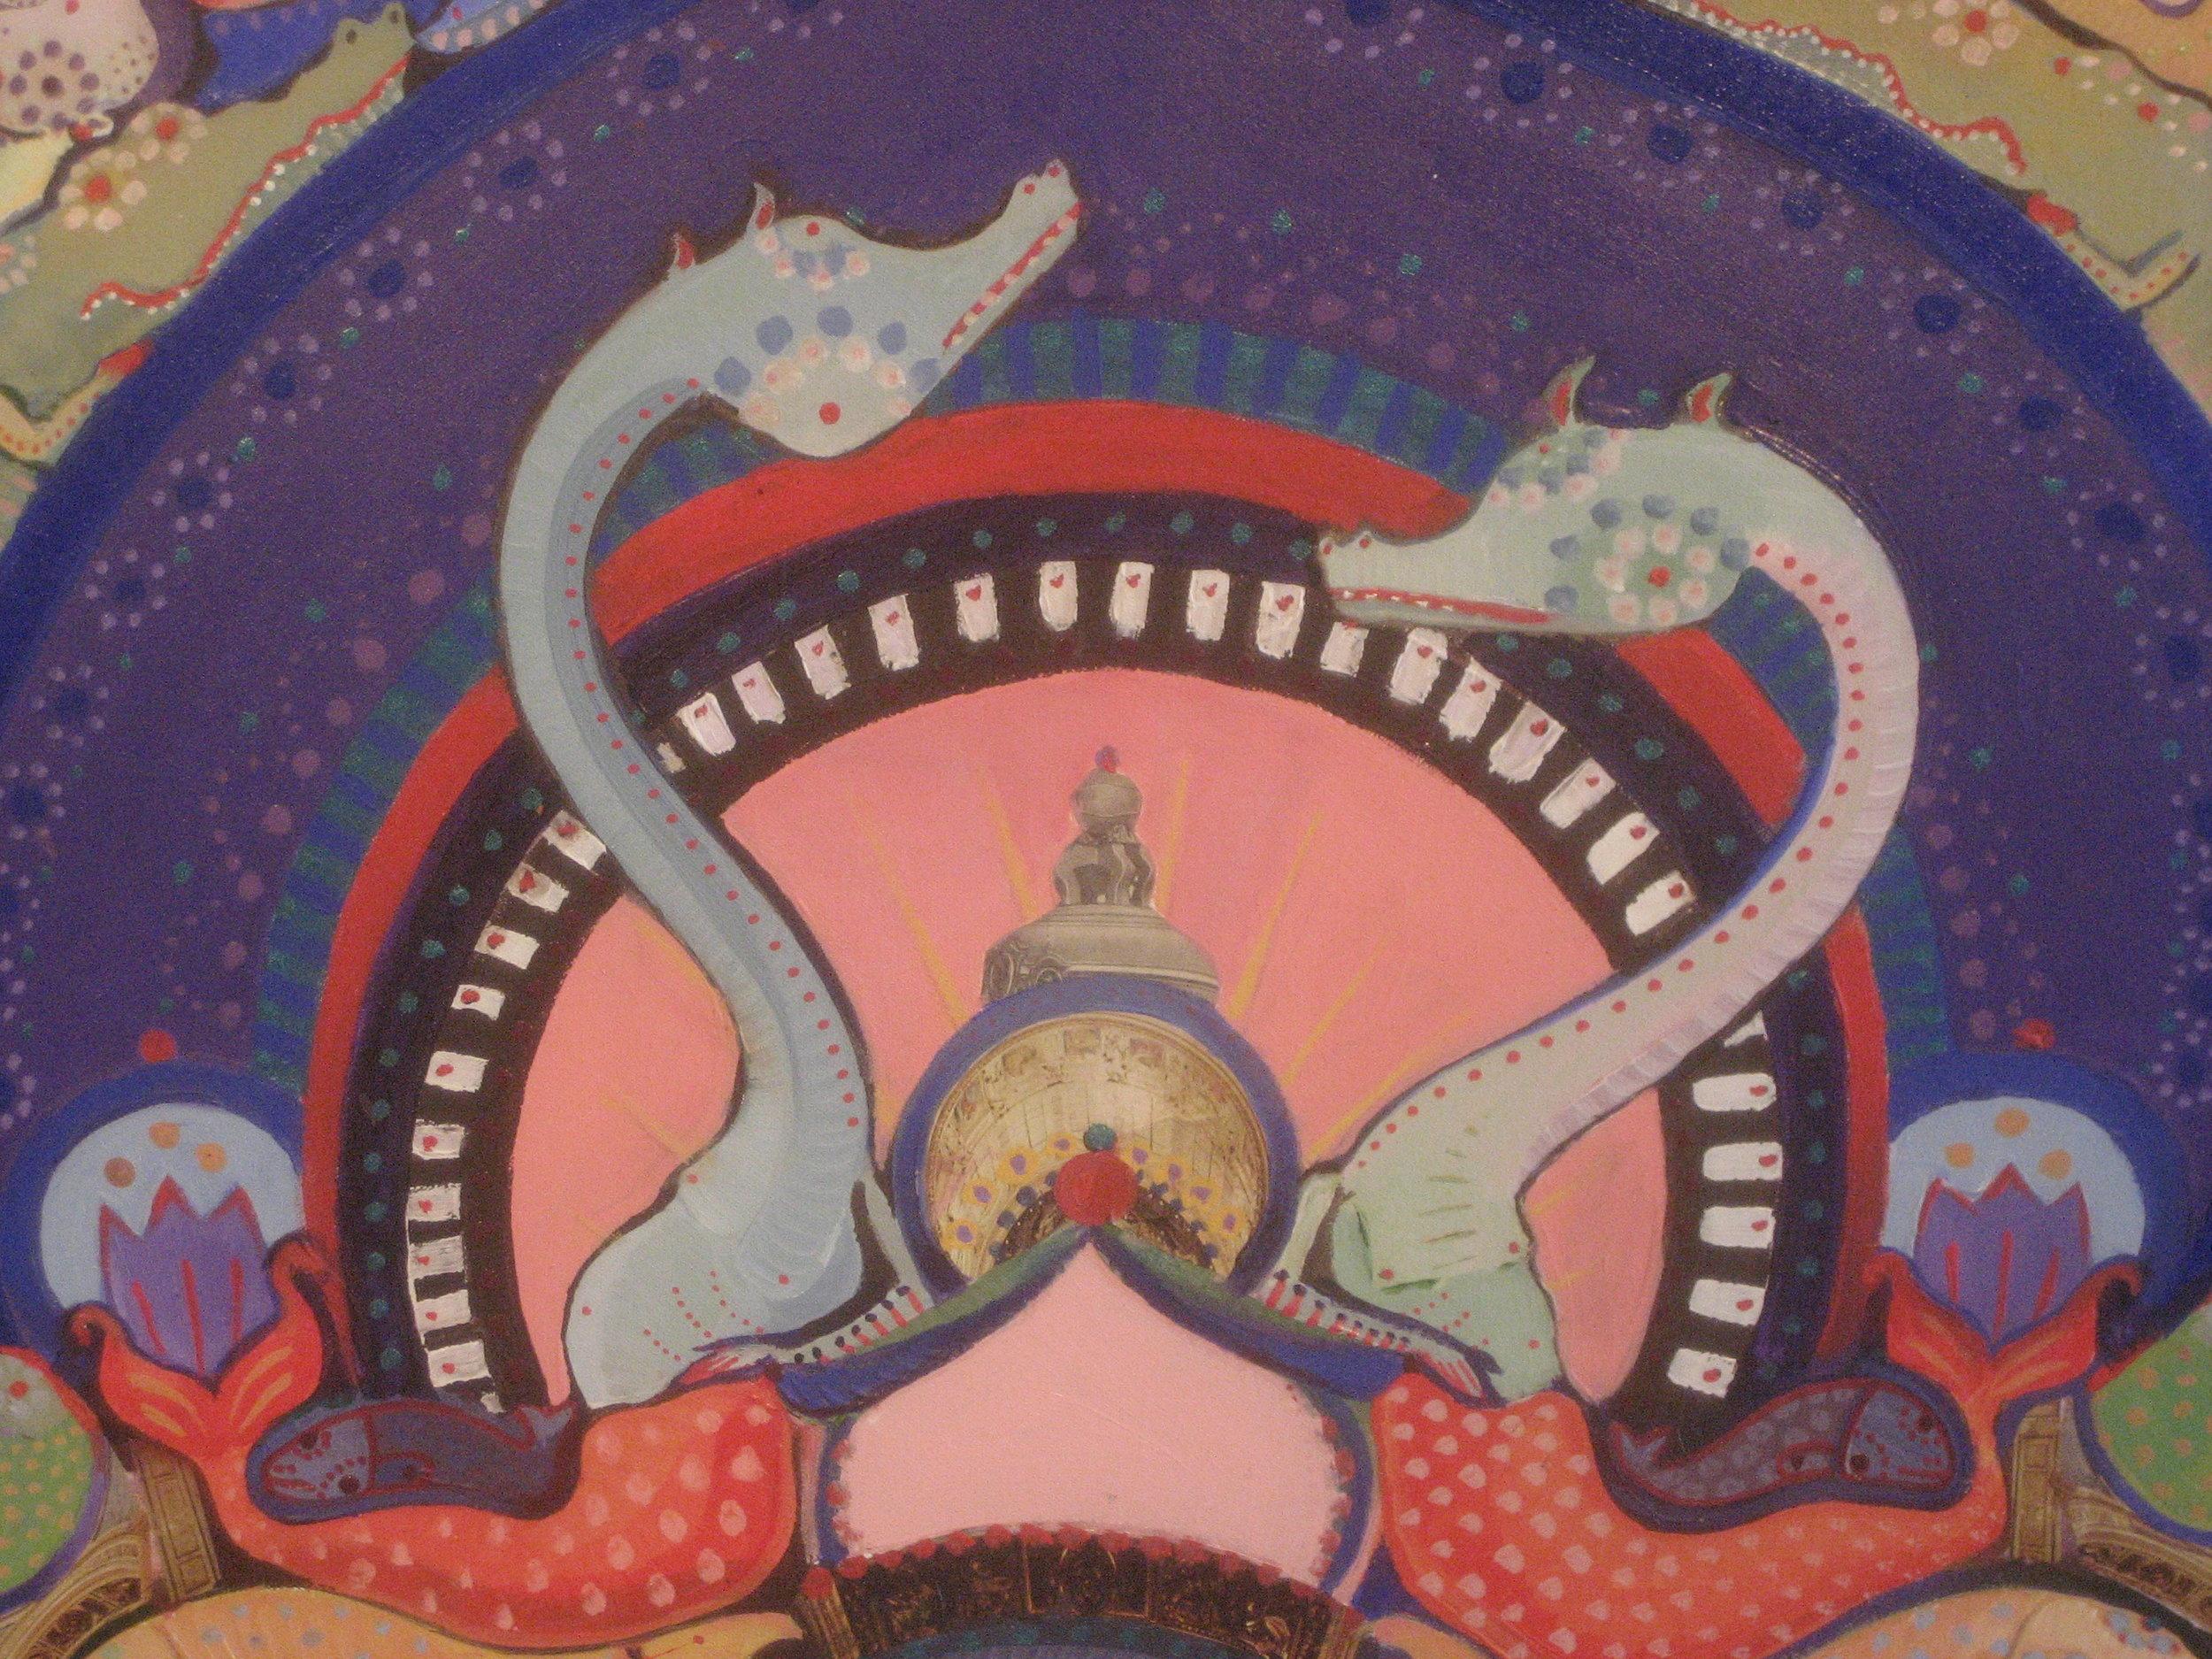 surreal-painting-jason-borders-art.jpg